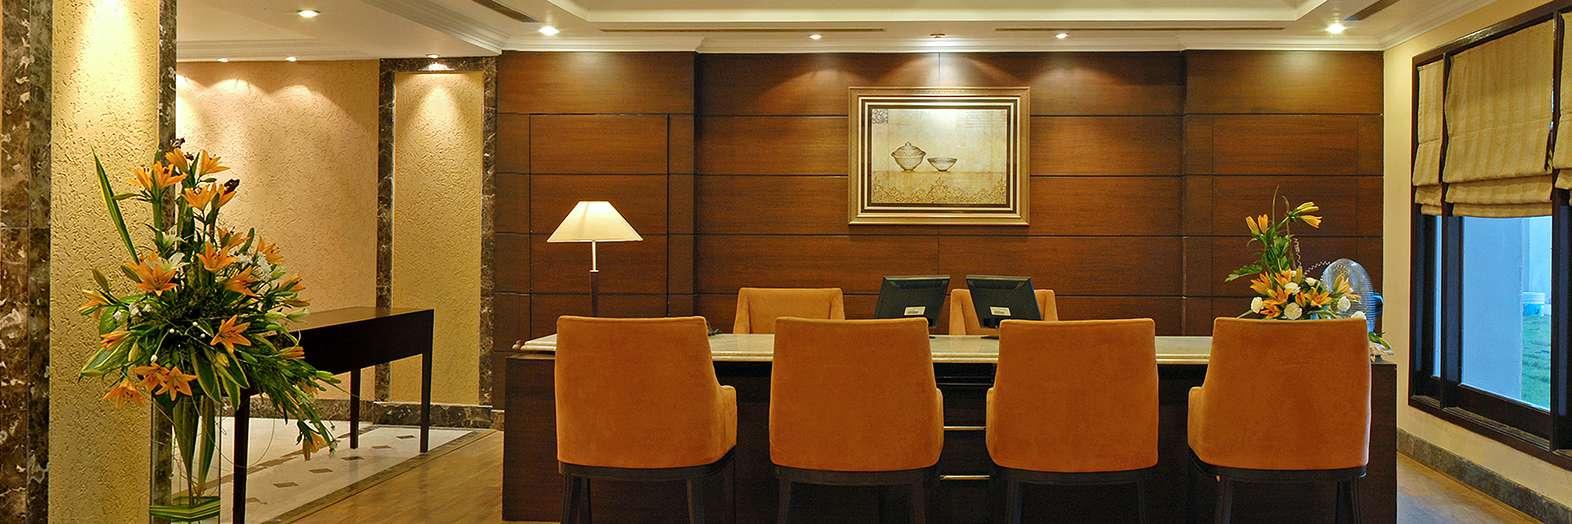 Services and Facilities in Kolkata